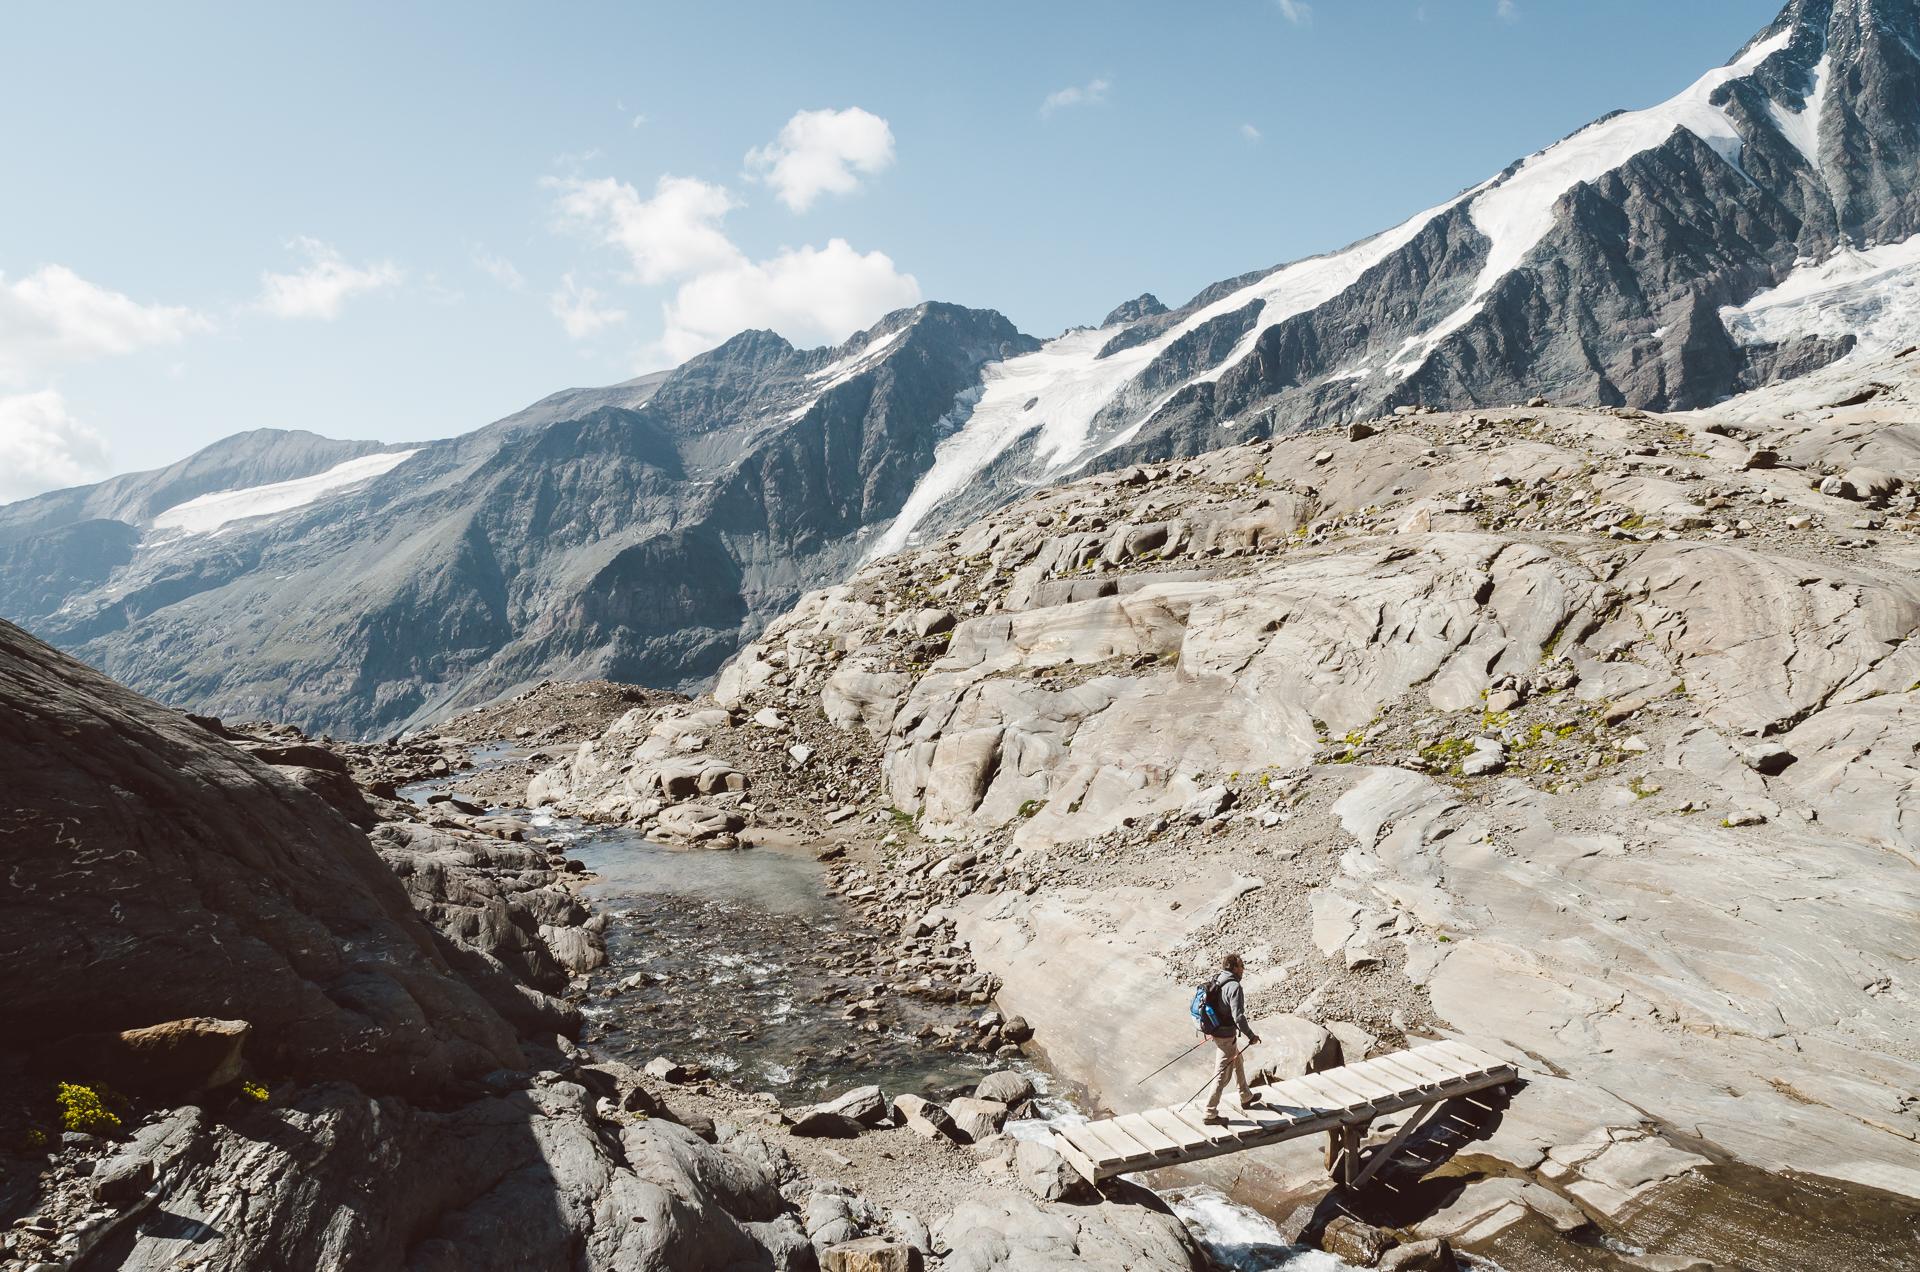 Hike to Oberwalderhüette, Kaiser-Franz-Josefs-Hohe